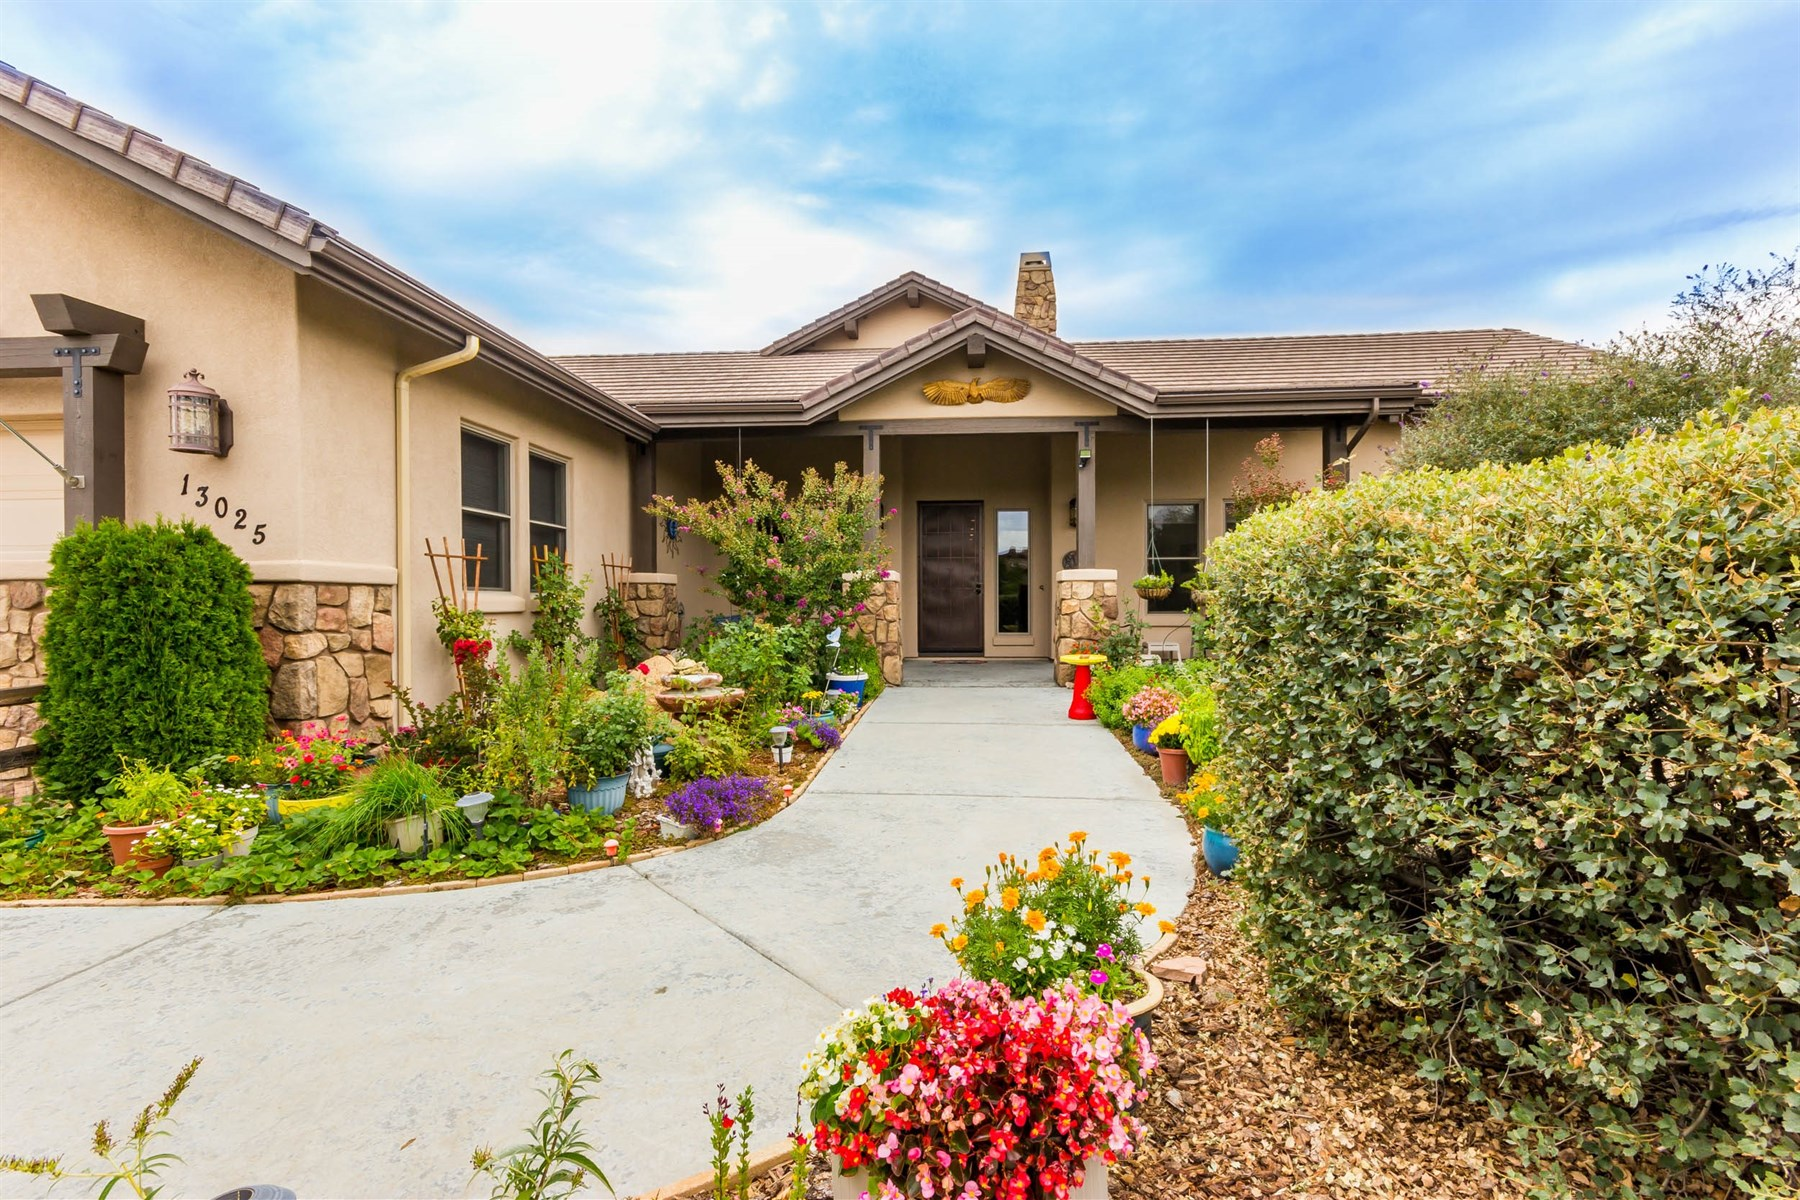 一戸建て のために 売買 アット Fabulous indoor and outdoor living in Inscription Canyon 13025 N Trail Blazer Drive Prescott, アリゾナ, 86305 アメリカ合衆国